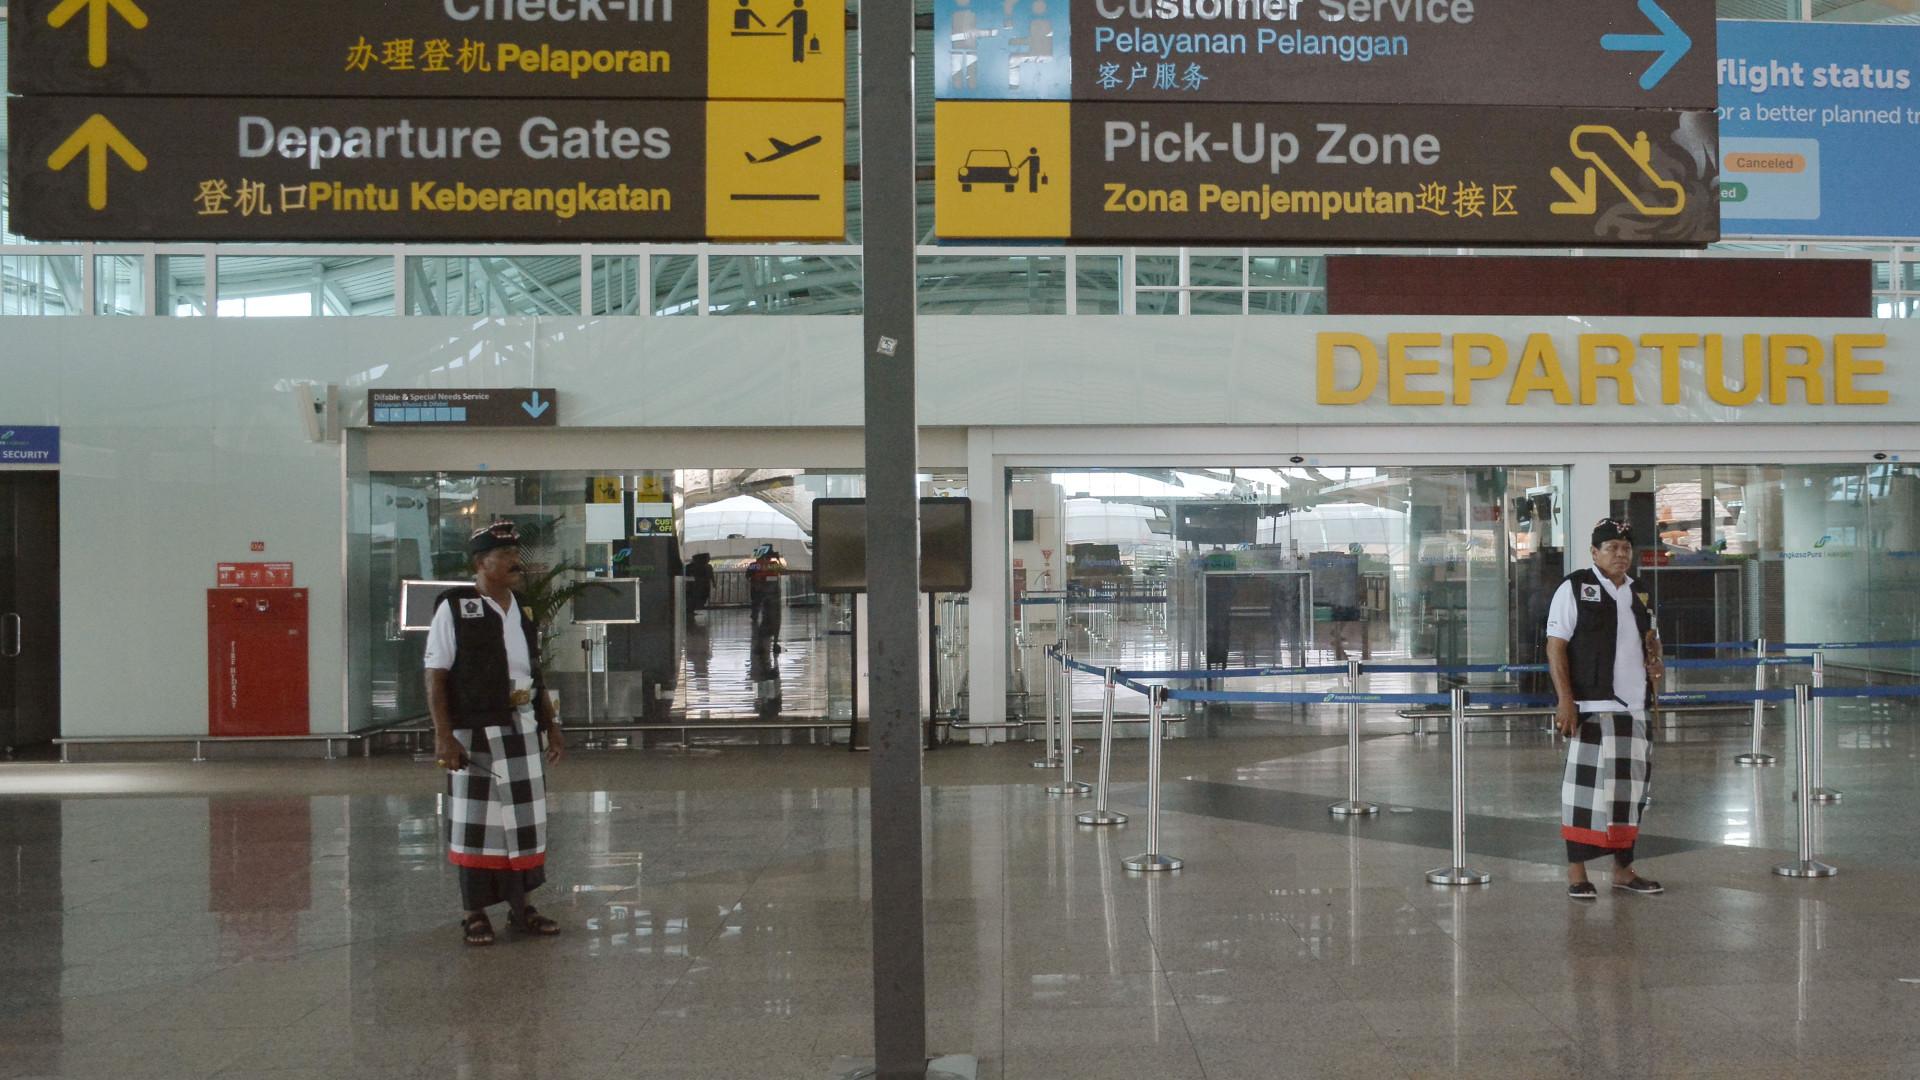 02198f85e7d Bali encerra aeroporto e limita acesso à internet. Hoje é Dia do Silêncio